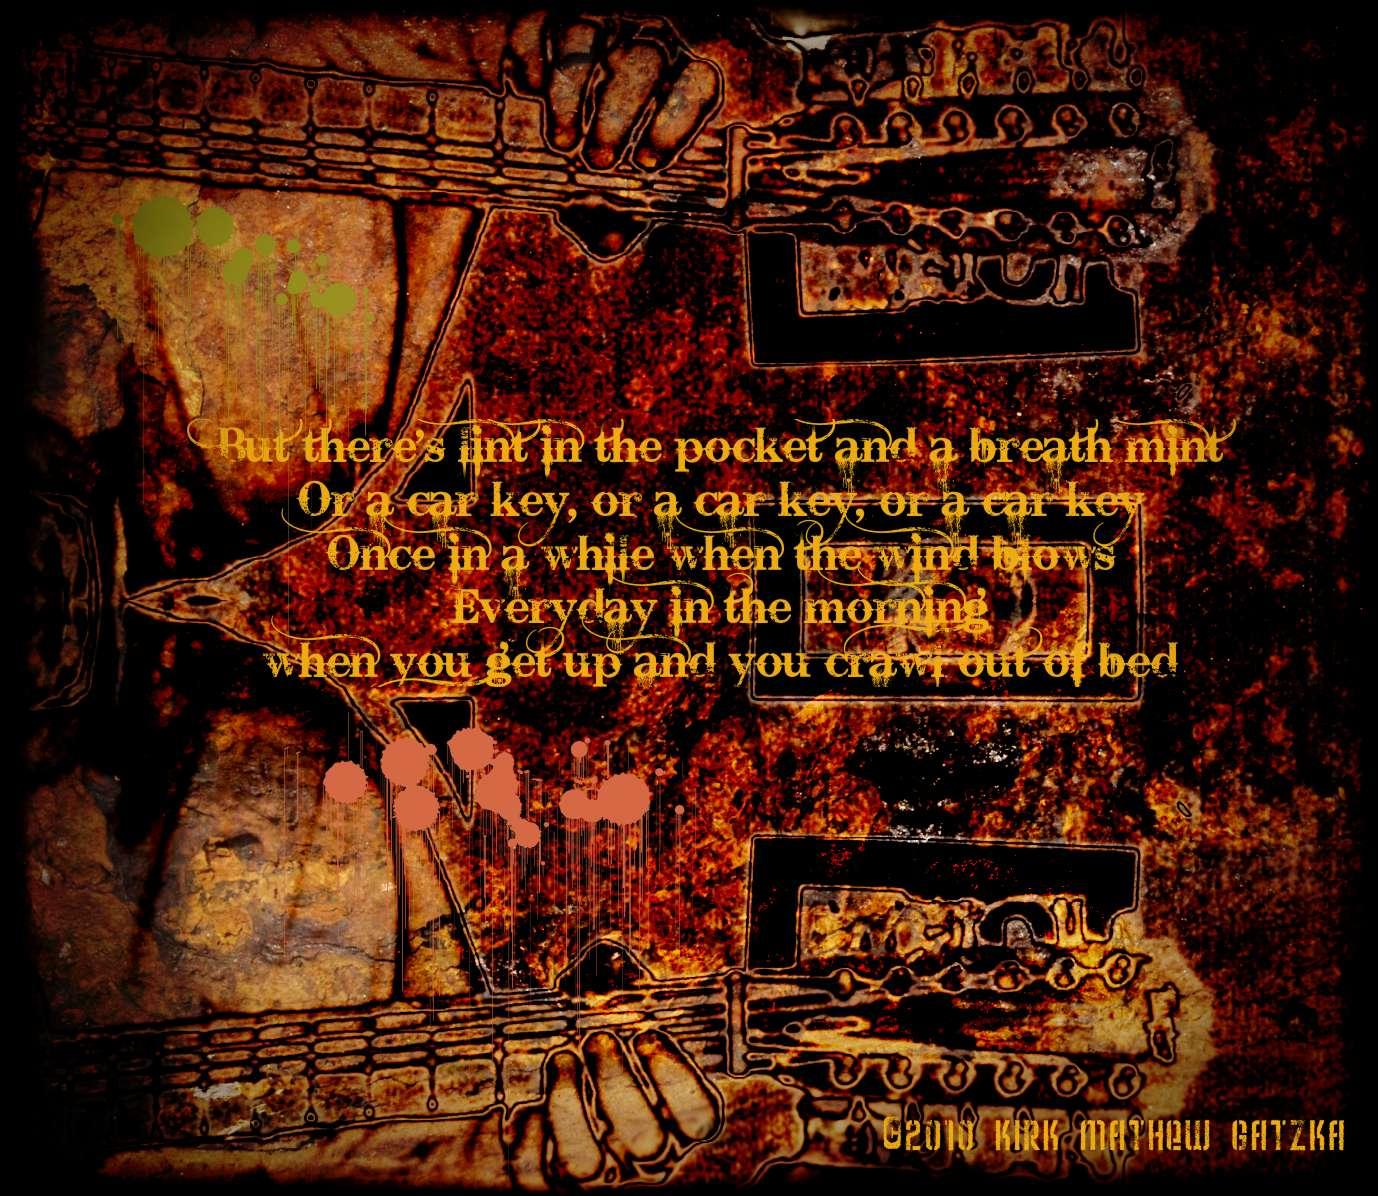 http://3.bp.blogspot.com/_h7cgoHrARXo/TDOGvE-trgI/AAAAAAAABXM/uGqF_FUuK24/s1600/0-0-0-0-1-AAA12stringKotke1024.jpg